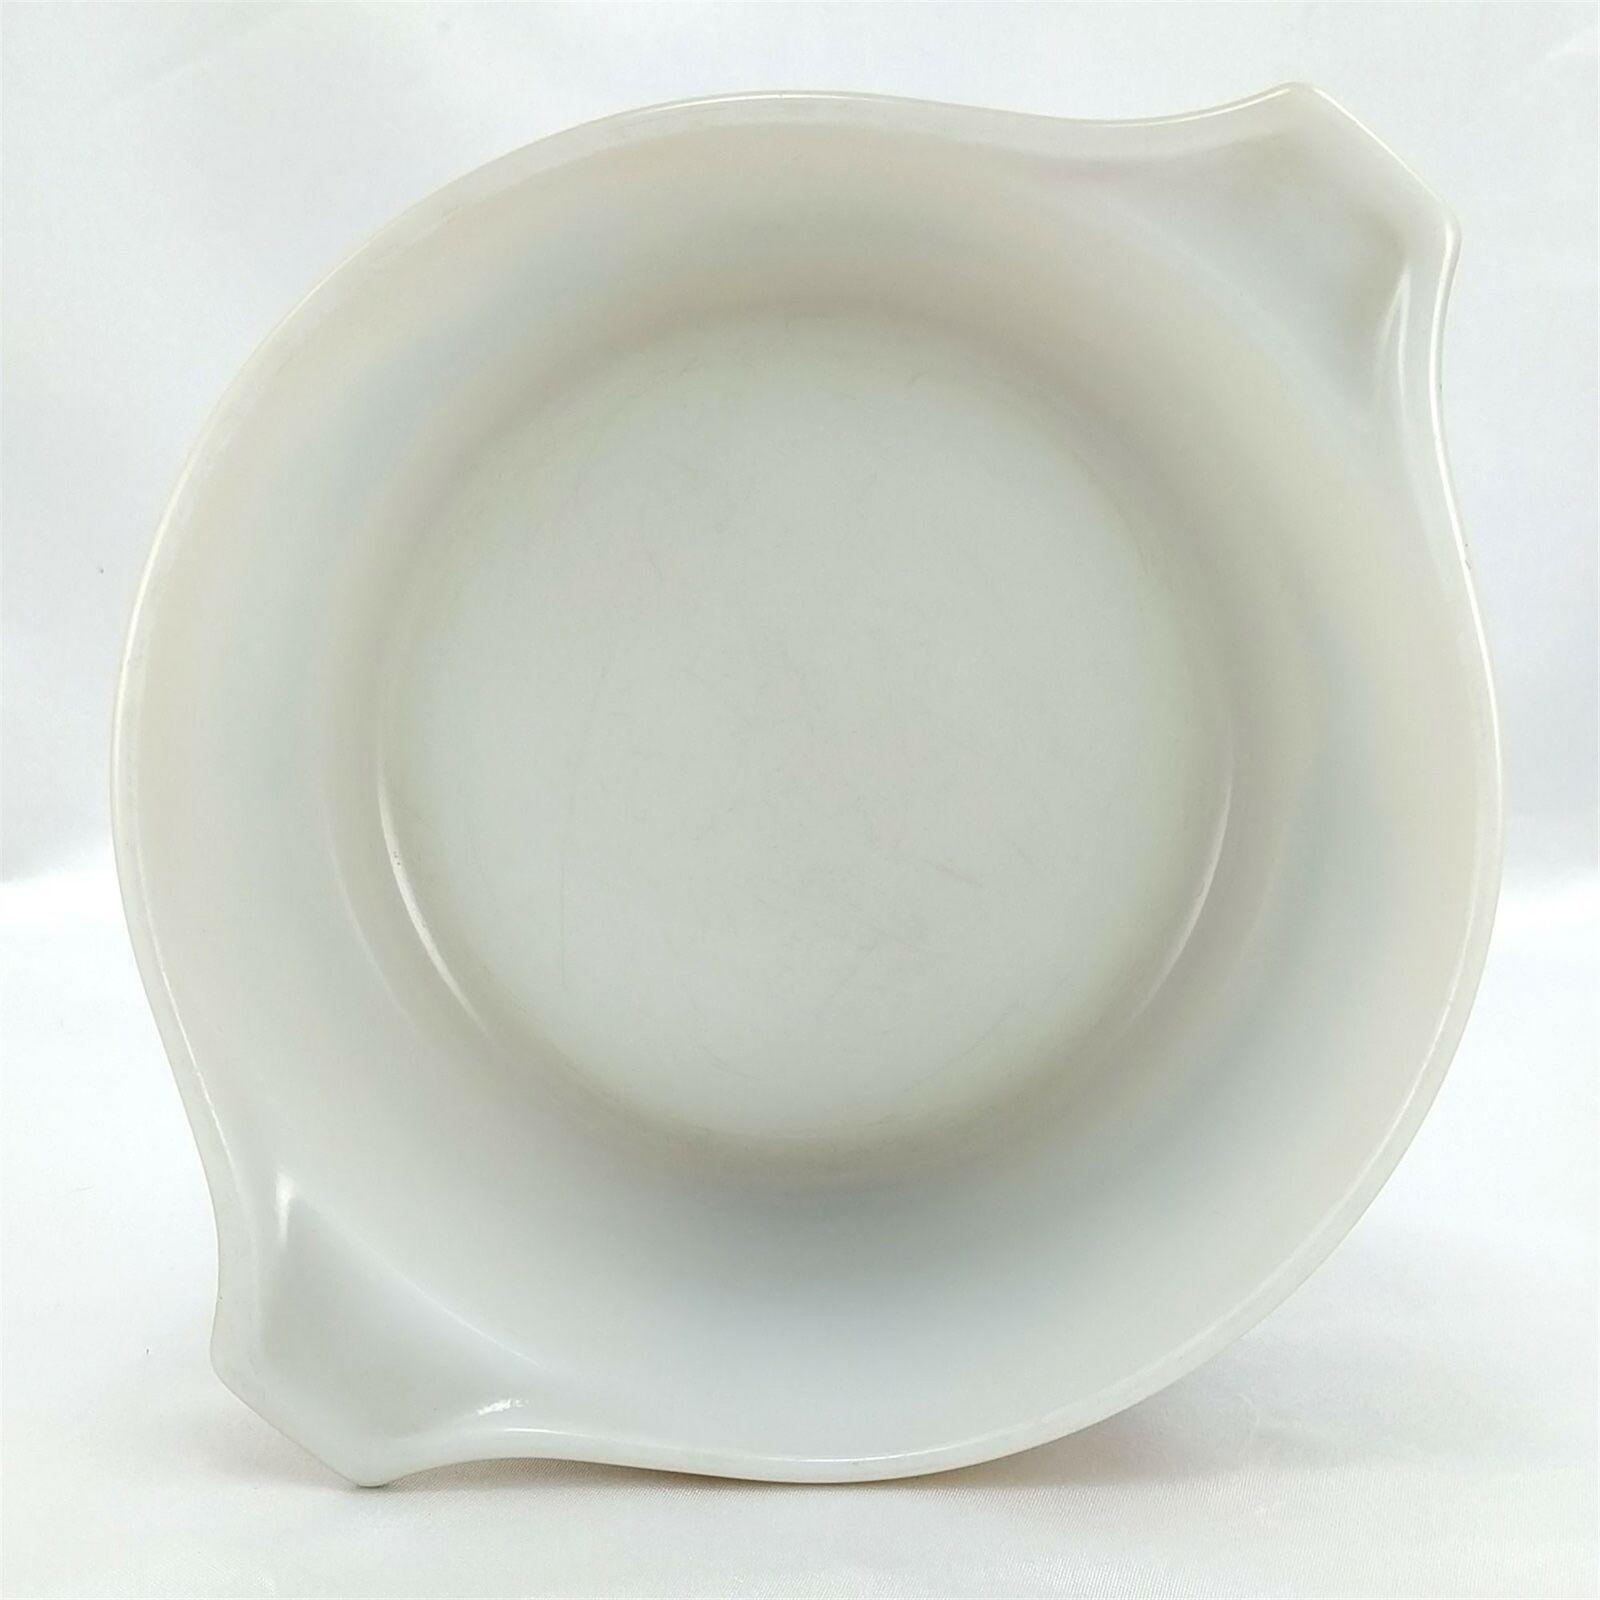 Pyrex 473 Homestead Blue Floral Speckled Vintage Baking Serving Casserole Dish image 5